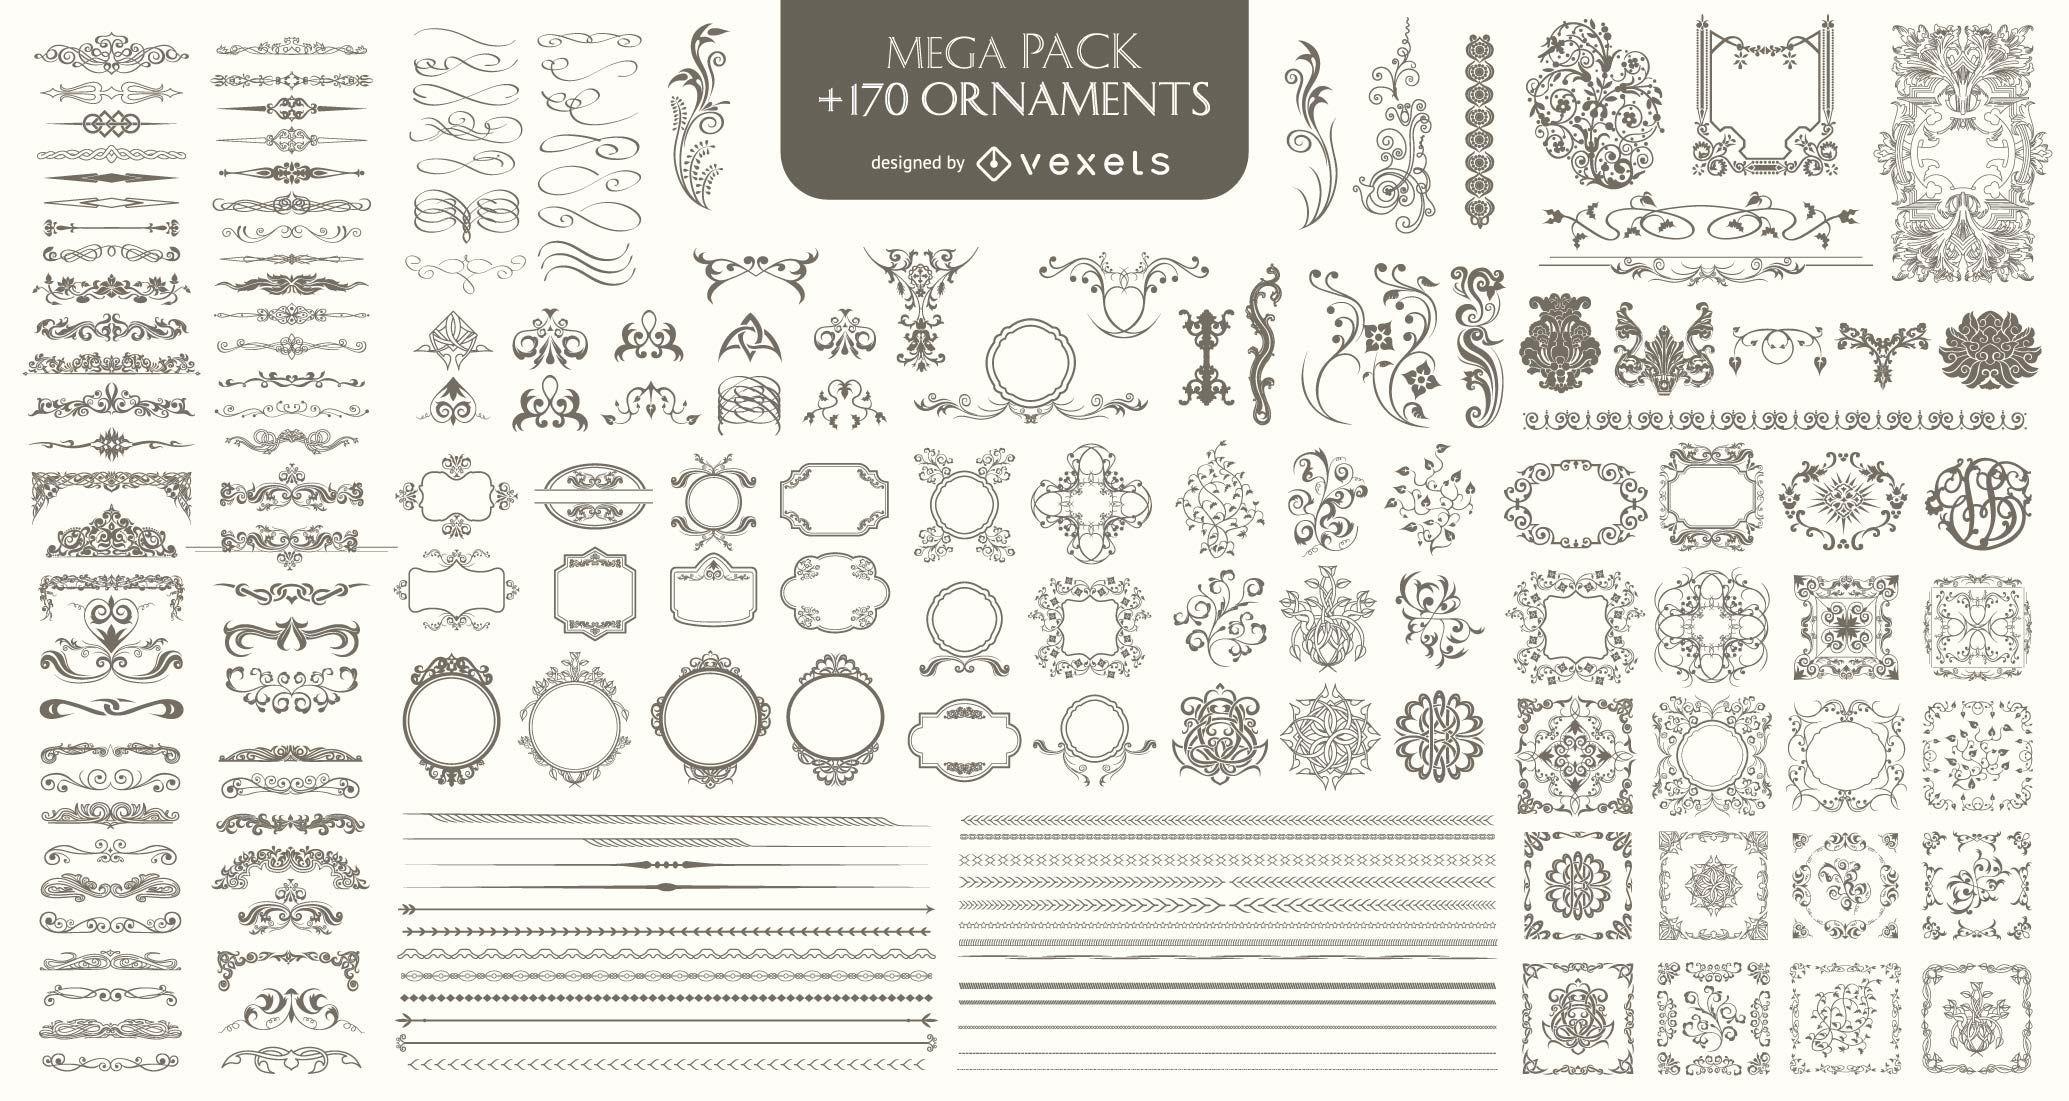 Mega Pack de 170 Adornos: Divisores marcos esquinas bordes y más